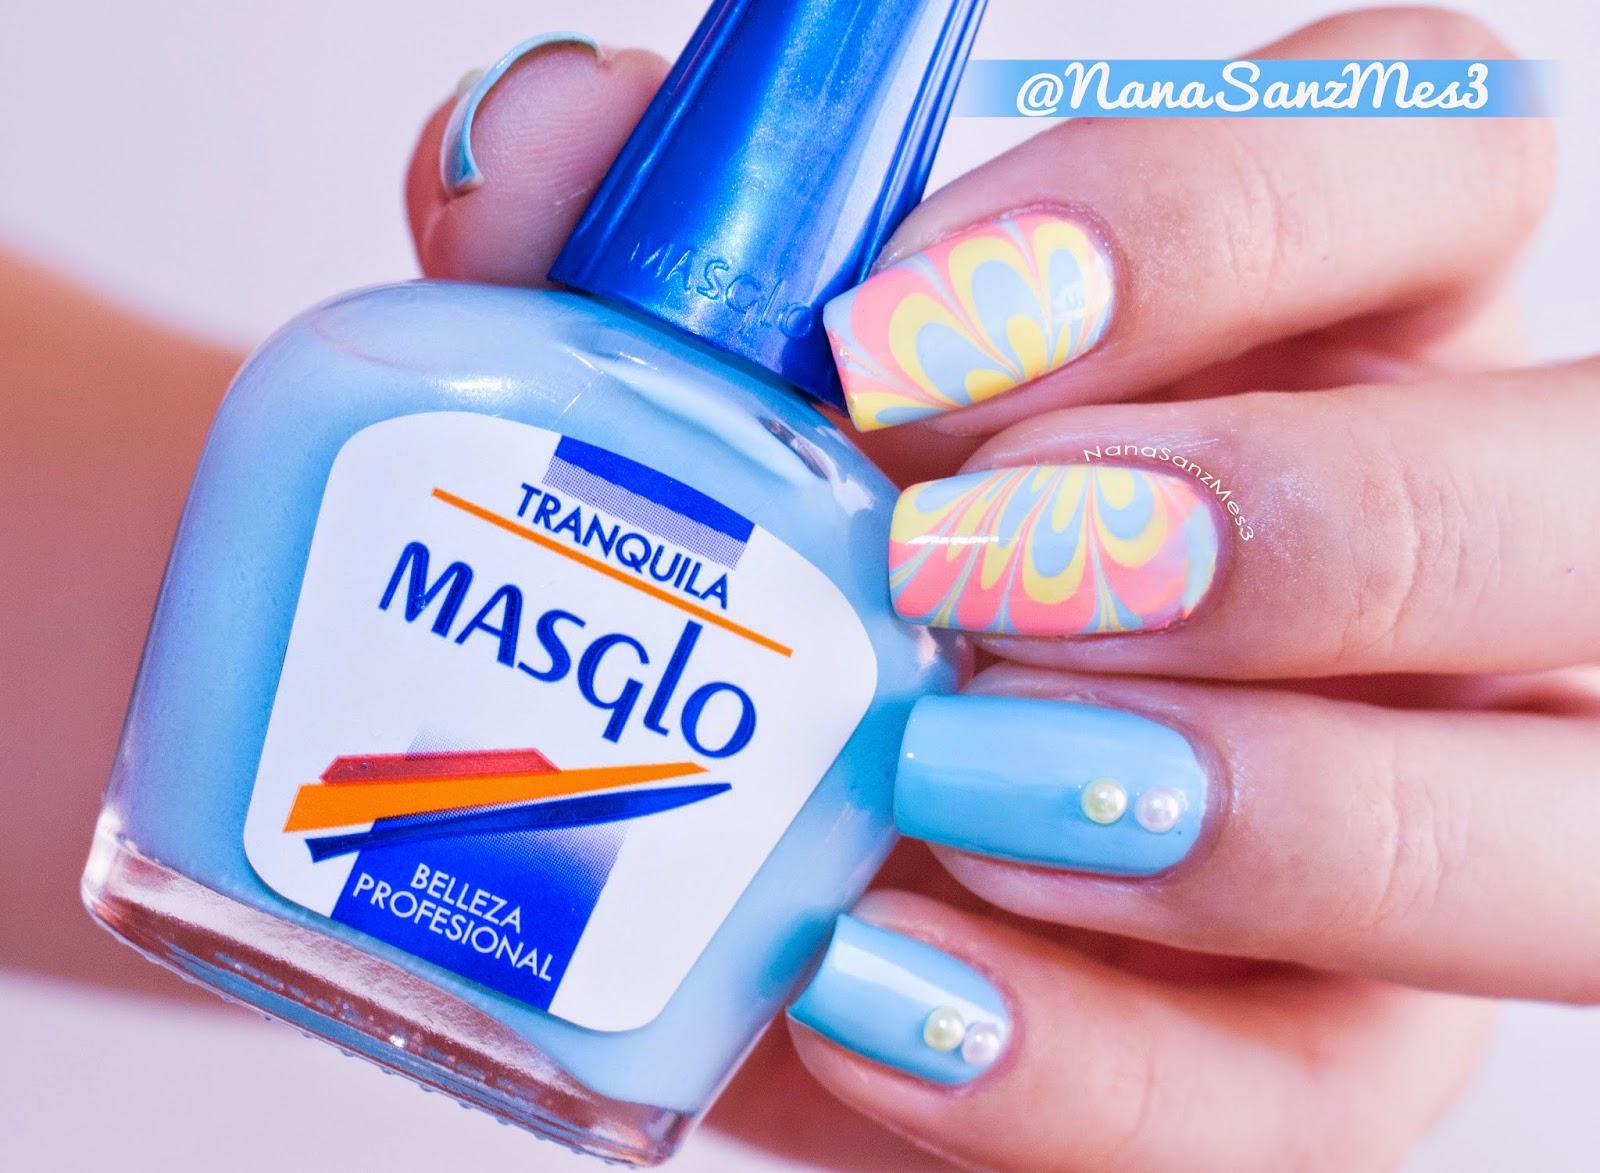 Masglo Nail Polish Names - Pinpoint Properties